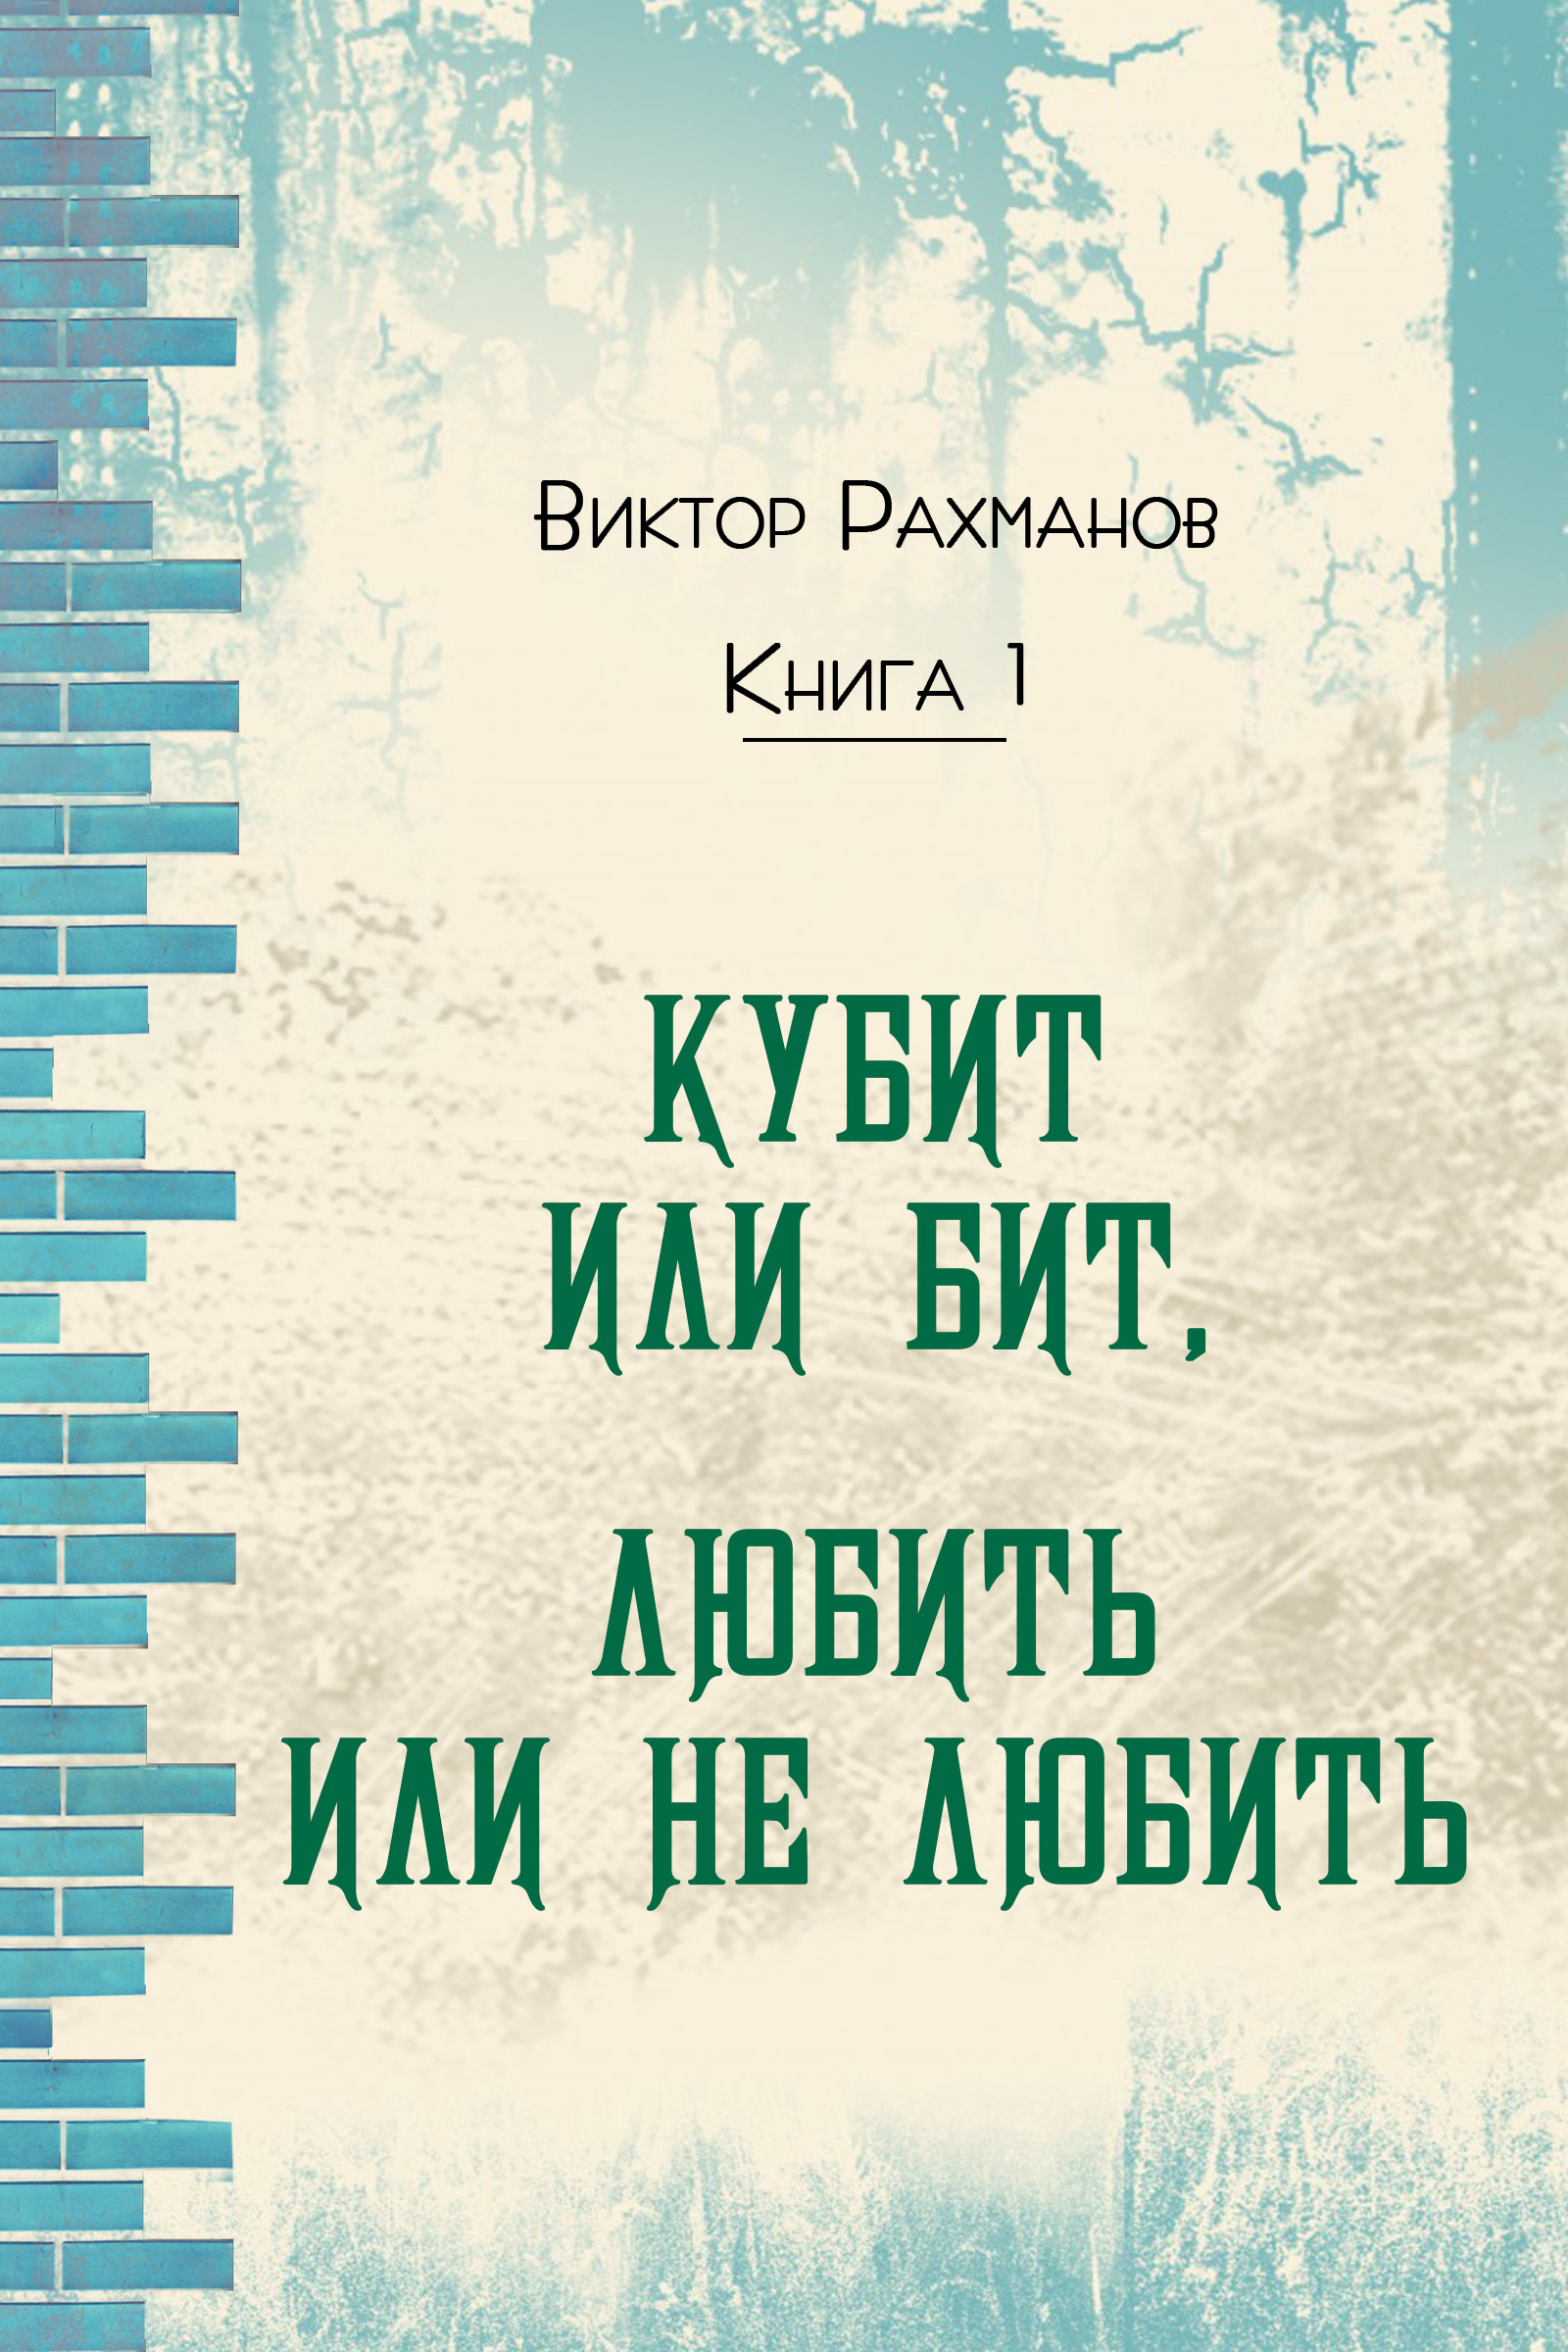 Виктор Рахманов Кубит или бит, Любить или не любить. Книга 1 от сохи до ядерной дубины